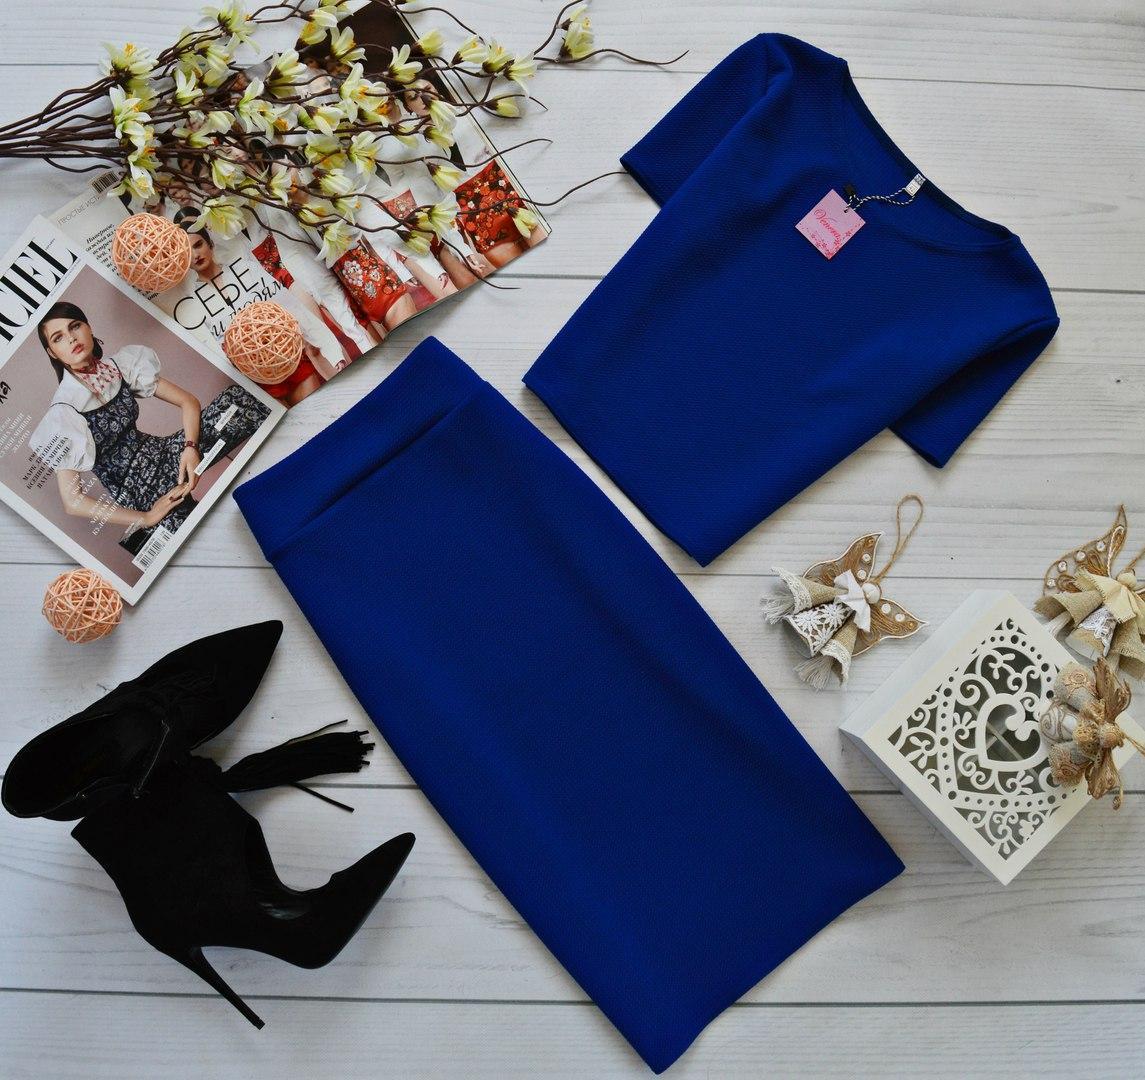 Жіночий літній обтягуючий костюм з фактурного трикотажу, топ зі спідницею-олівець. Розмір 40,42,44,46. Синій